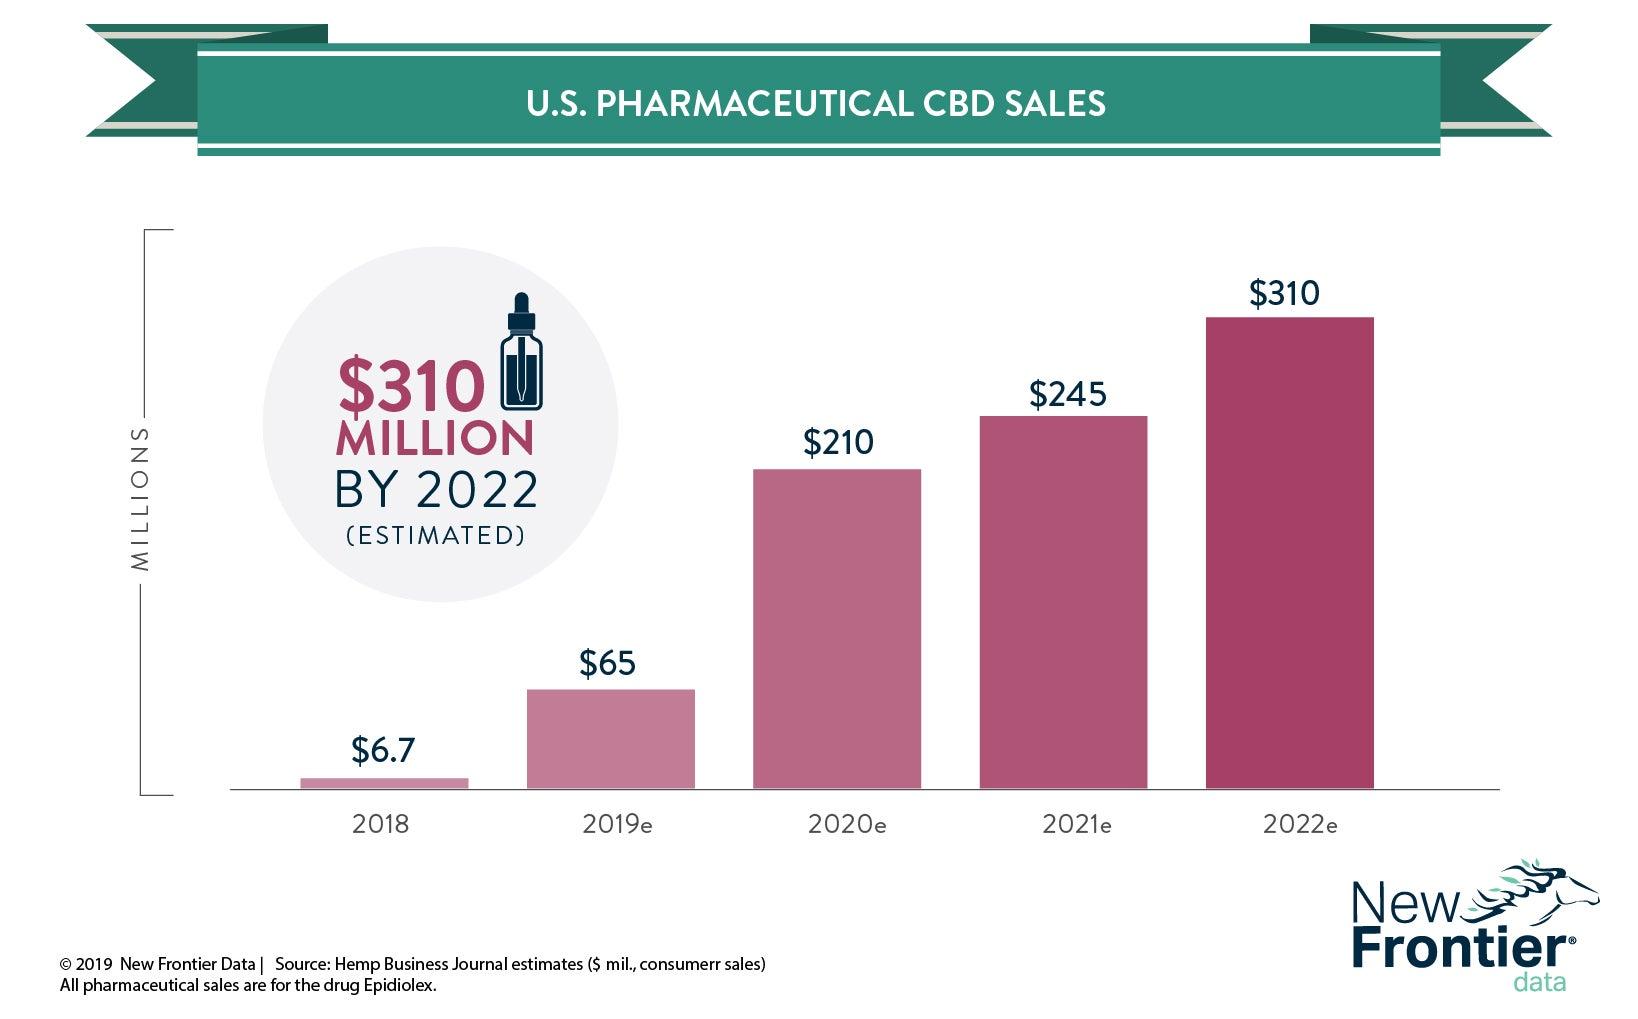 4-17-19-hemp-pharma-sales-1.jpg